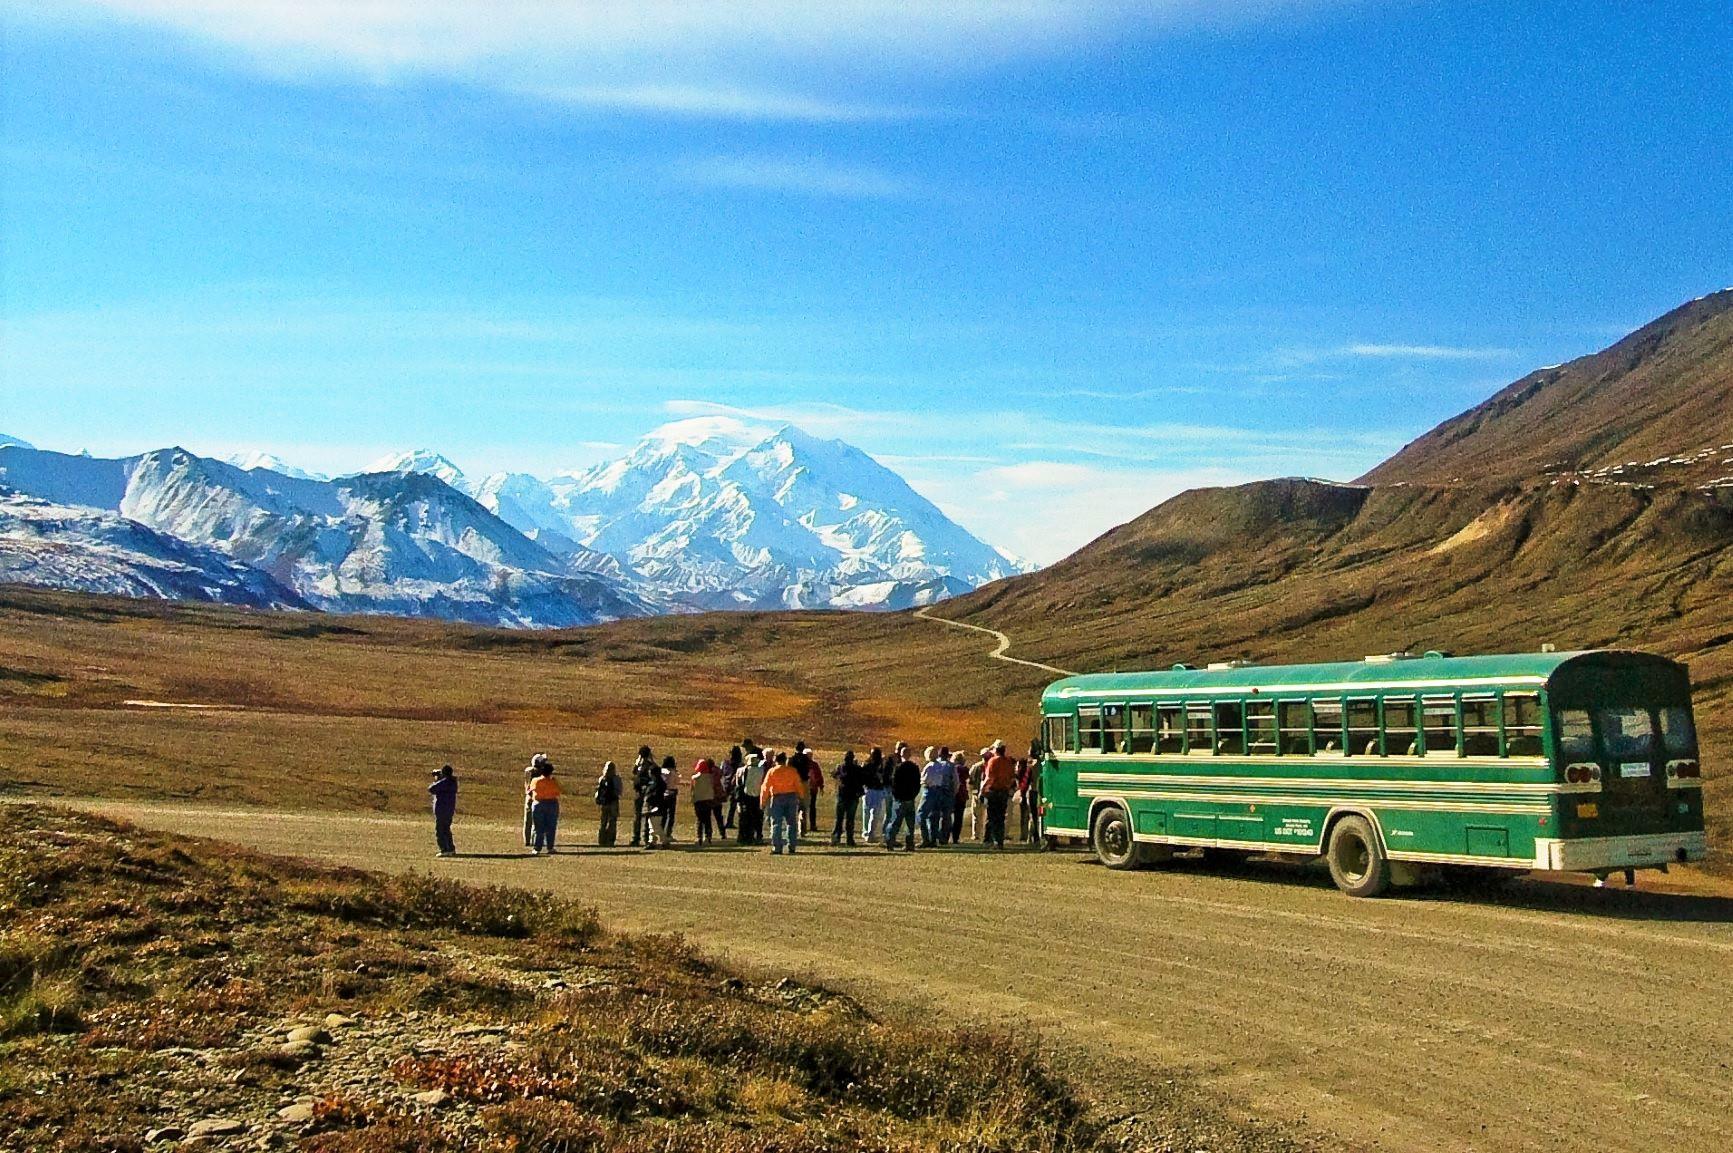 """伝説のロッジ""""ベツルス・ロッジ""""滞在とデナリ国立公園探訪&アラスカ縦断 11日間"""